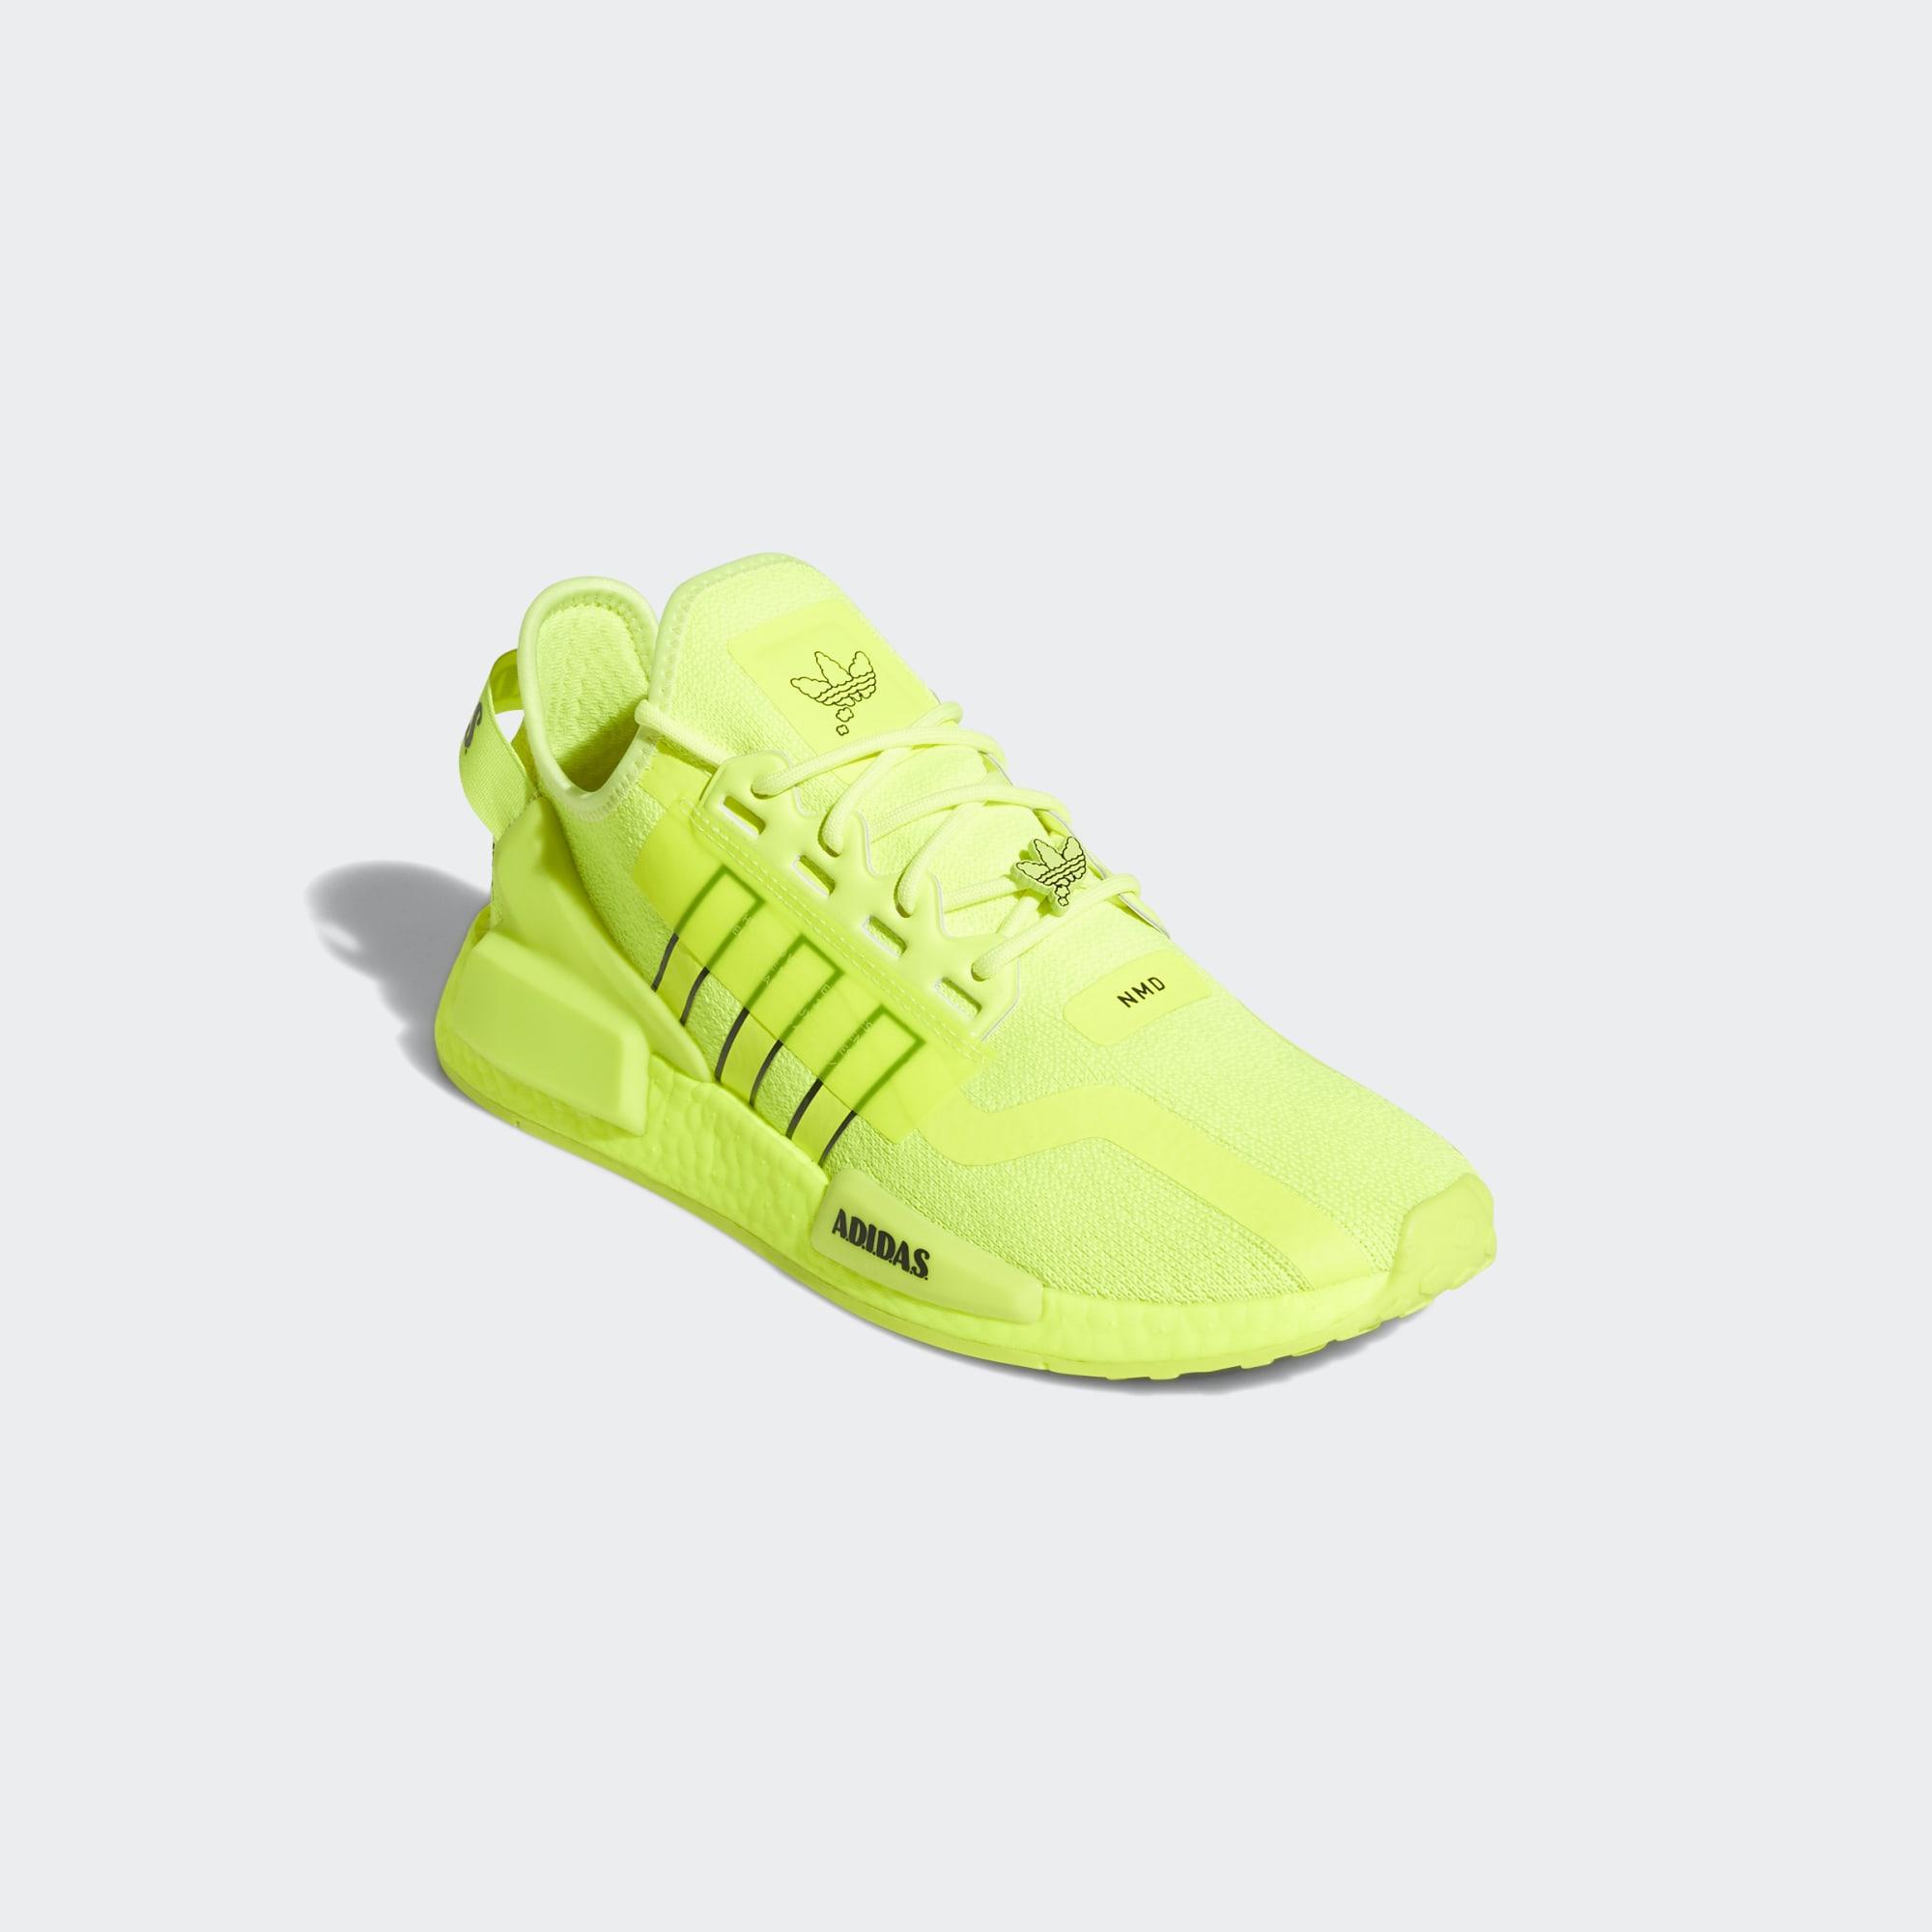 NMD_R1_V2_Shoes_Yellow_H02654_04_standard.jpg